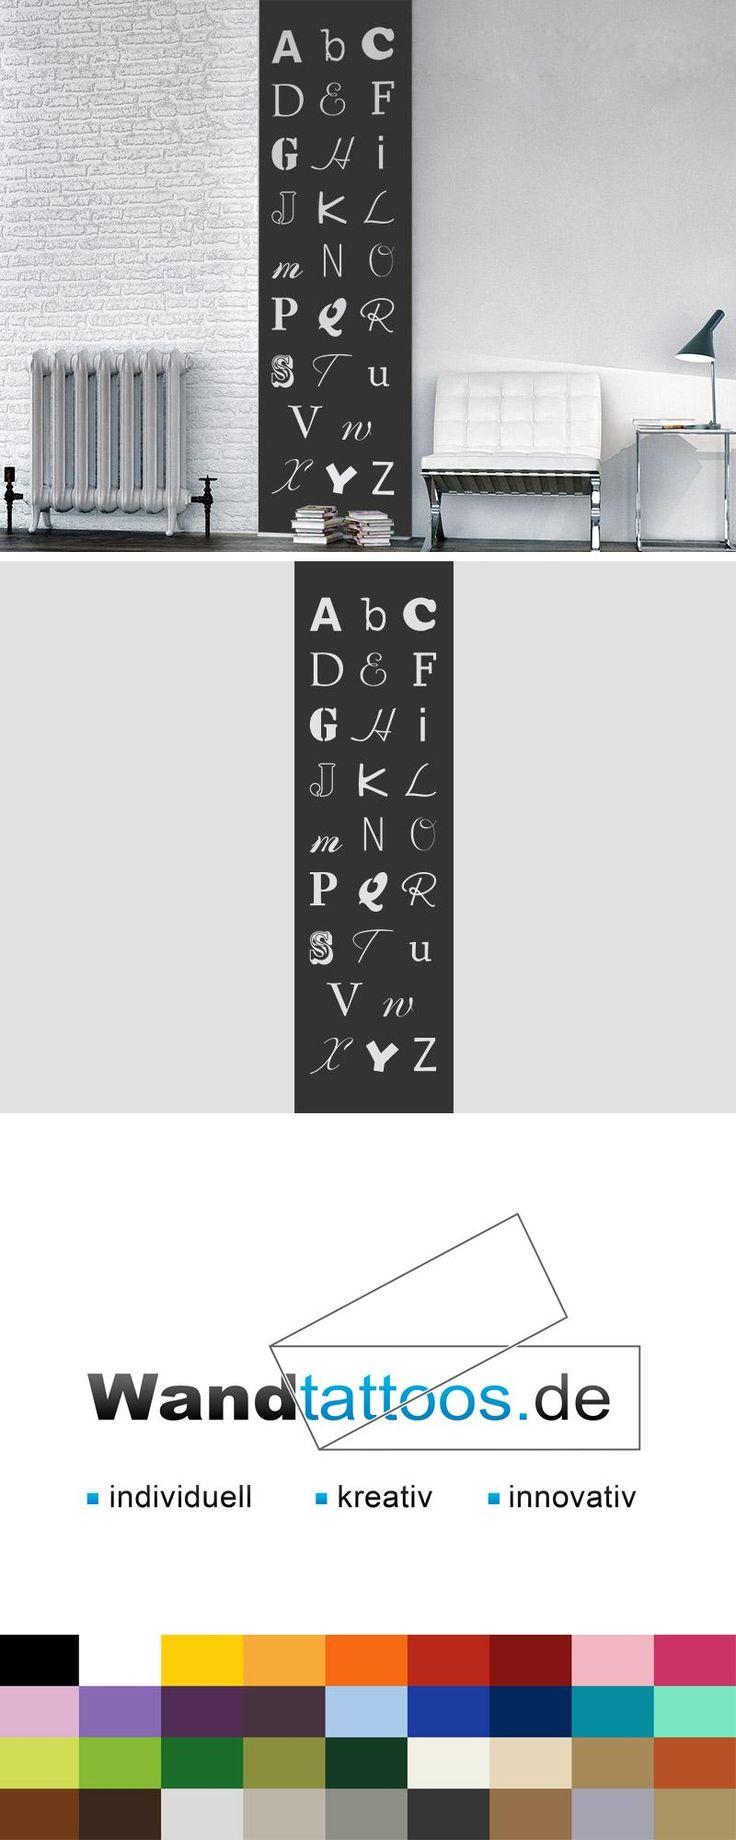 Wandbanner ABC als Idee zur individuellen Wandgestaltung. Einfach Lieblingsfarbe und Größe auswählen. Weitere kreative Anregungen von Wandtattoos.de hier entdecken!